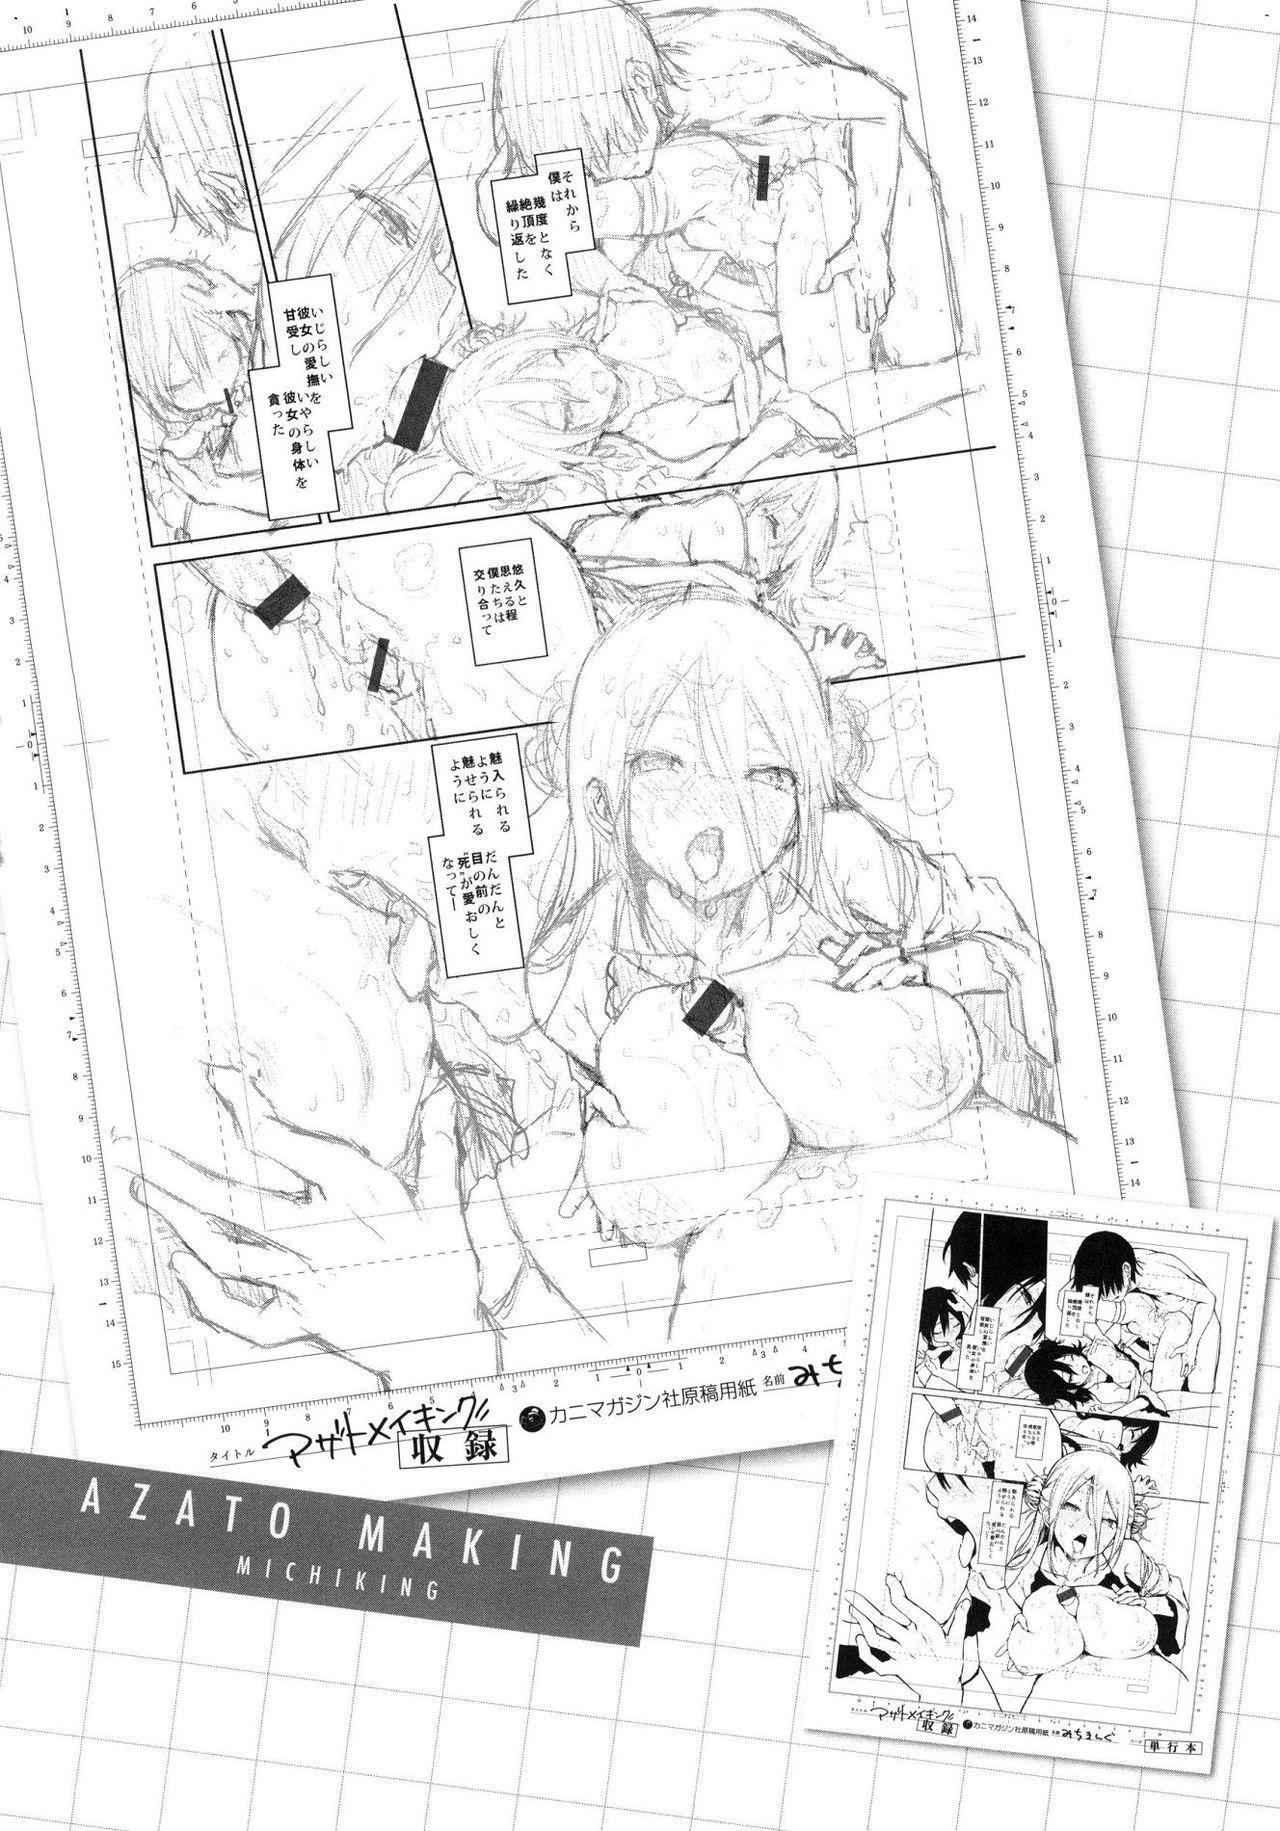 Azato Making Shokai Genteiban 179